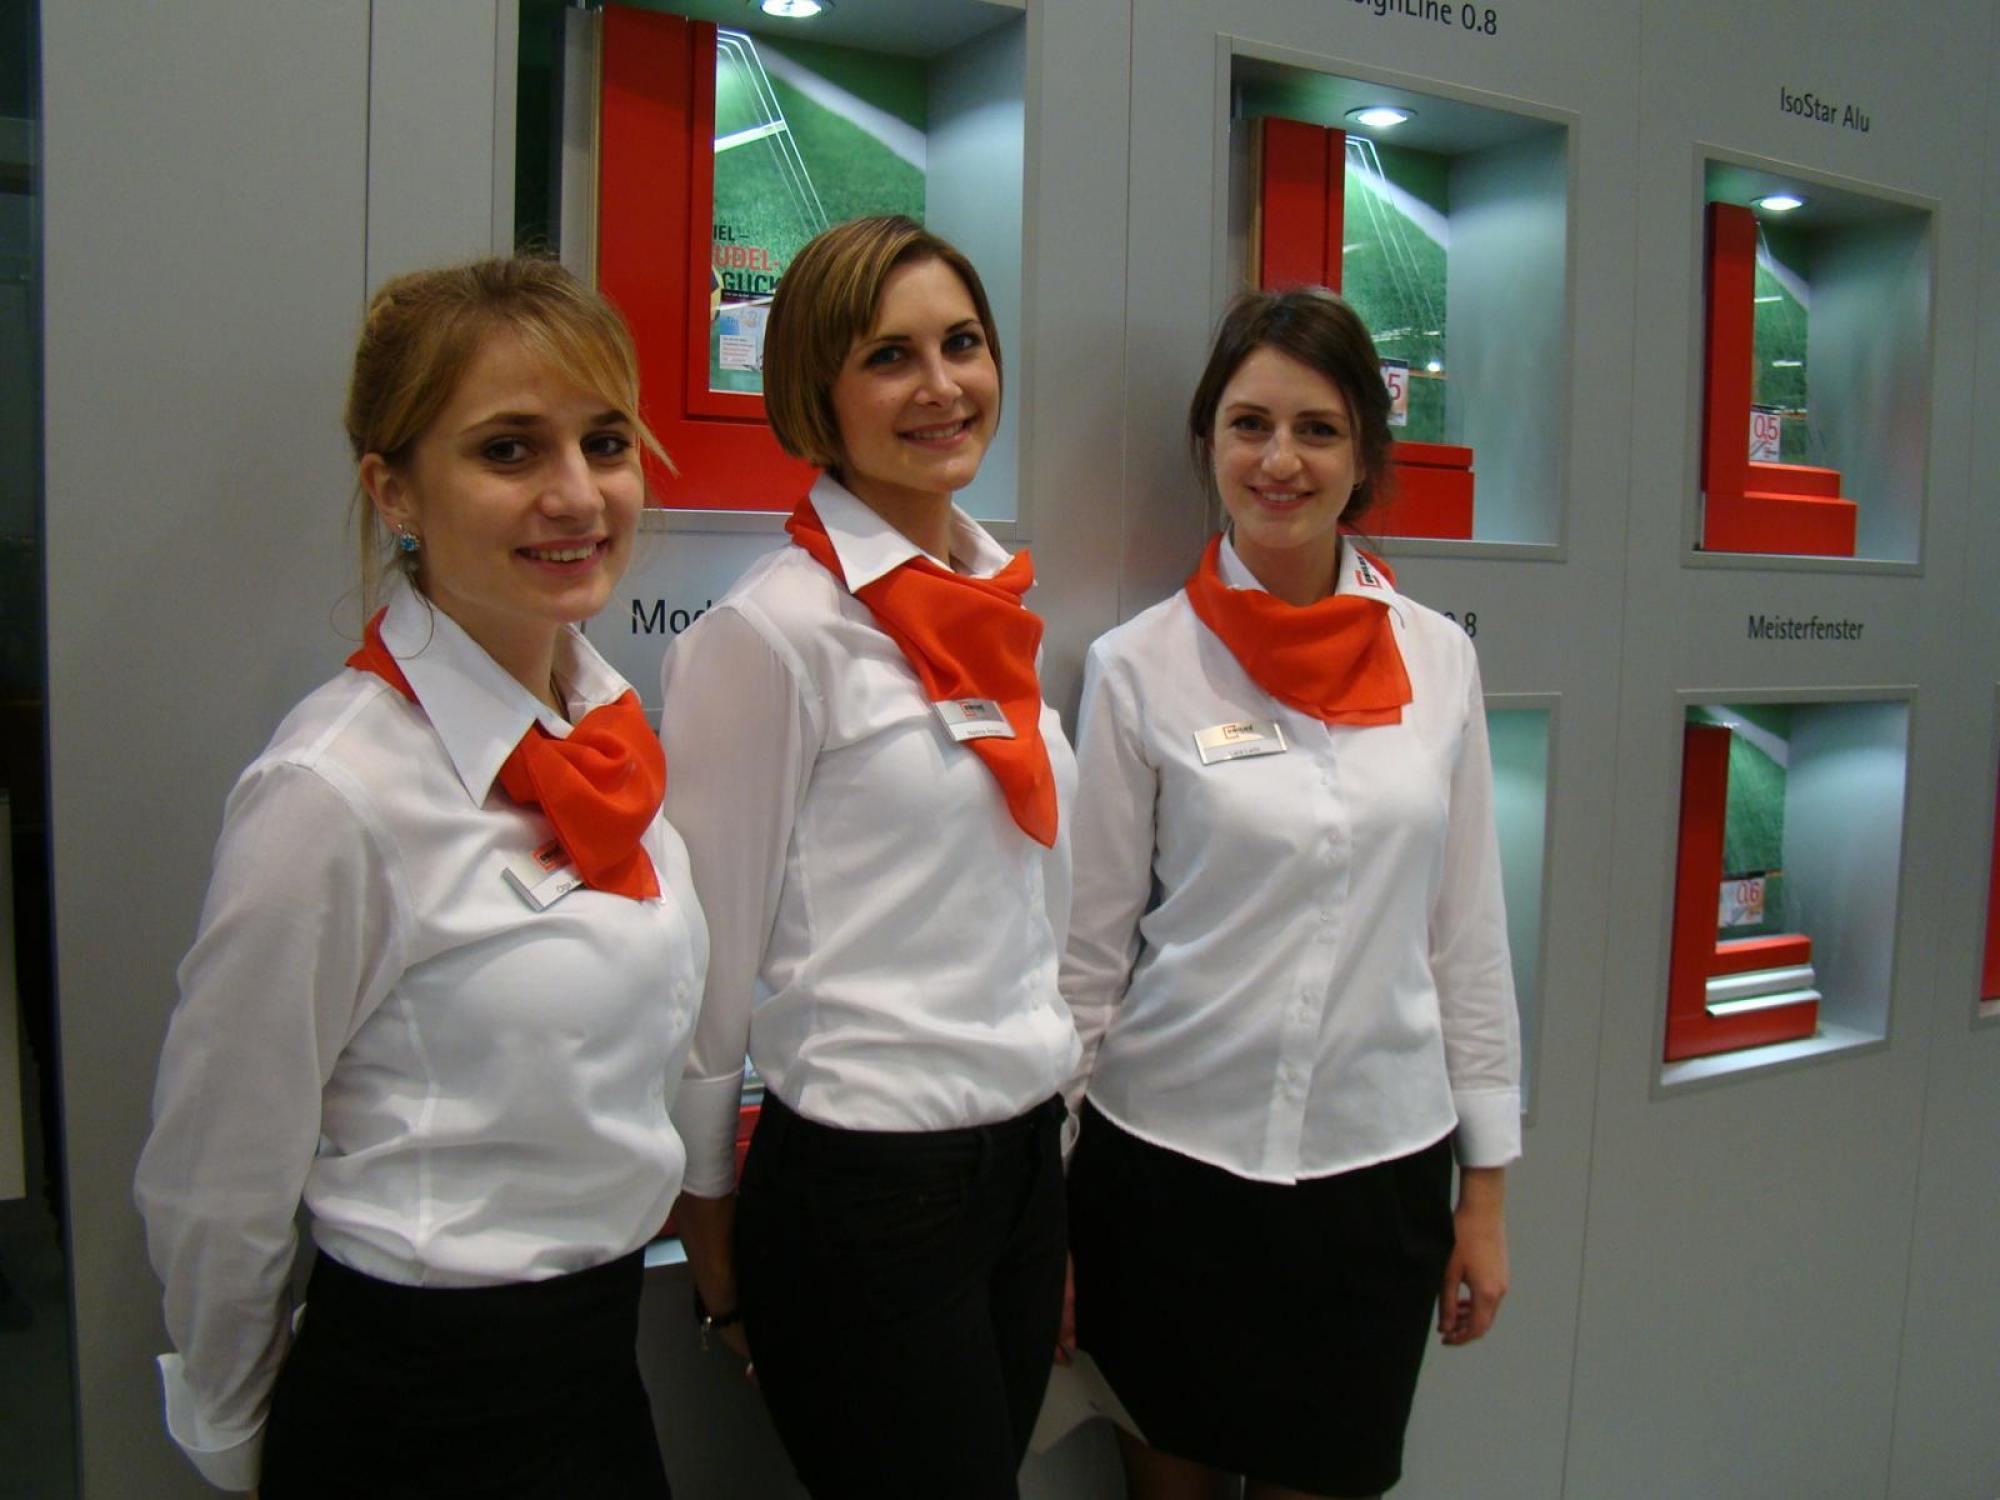 Unilux Fenster und Türen mit unserem mehrsprachigem Hostessen-Team.